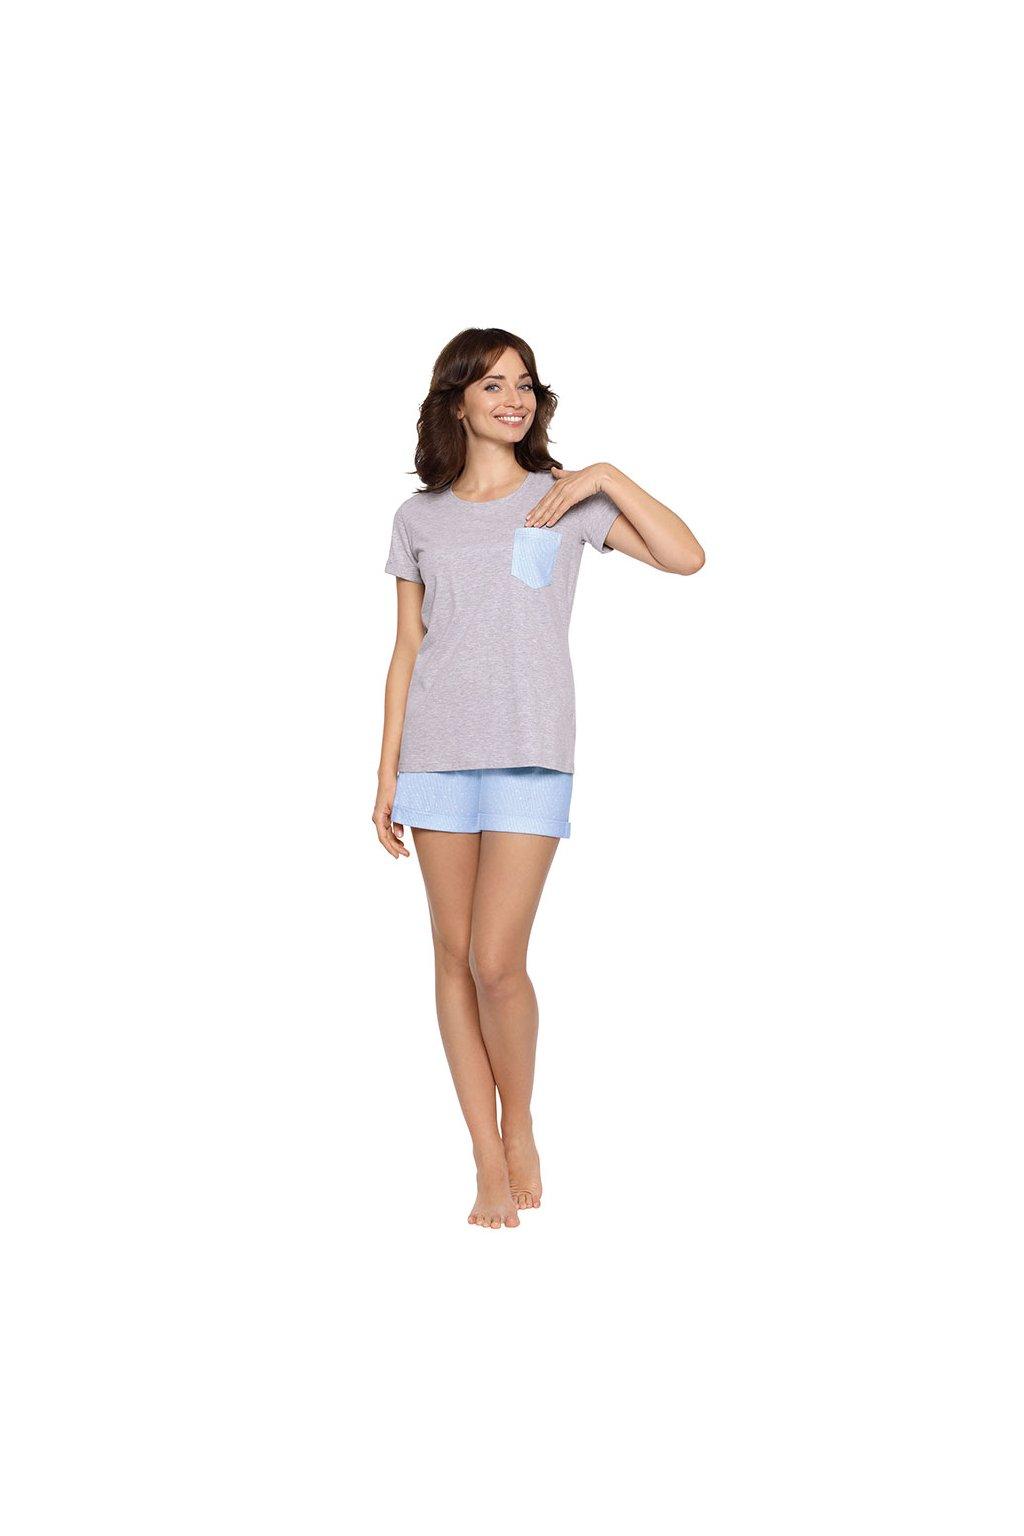 Dámské pyžamo s krátkým rukávem, 104472 30, šedá